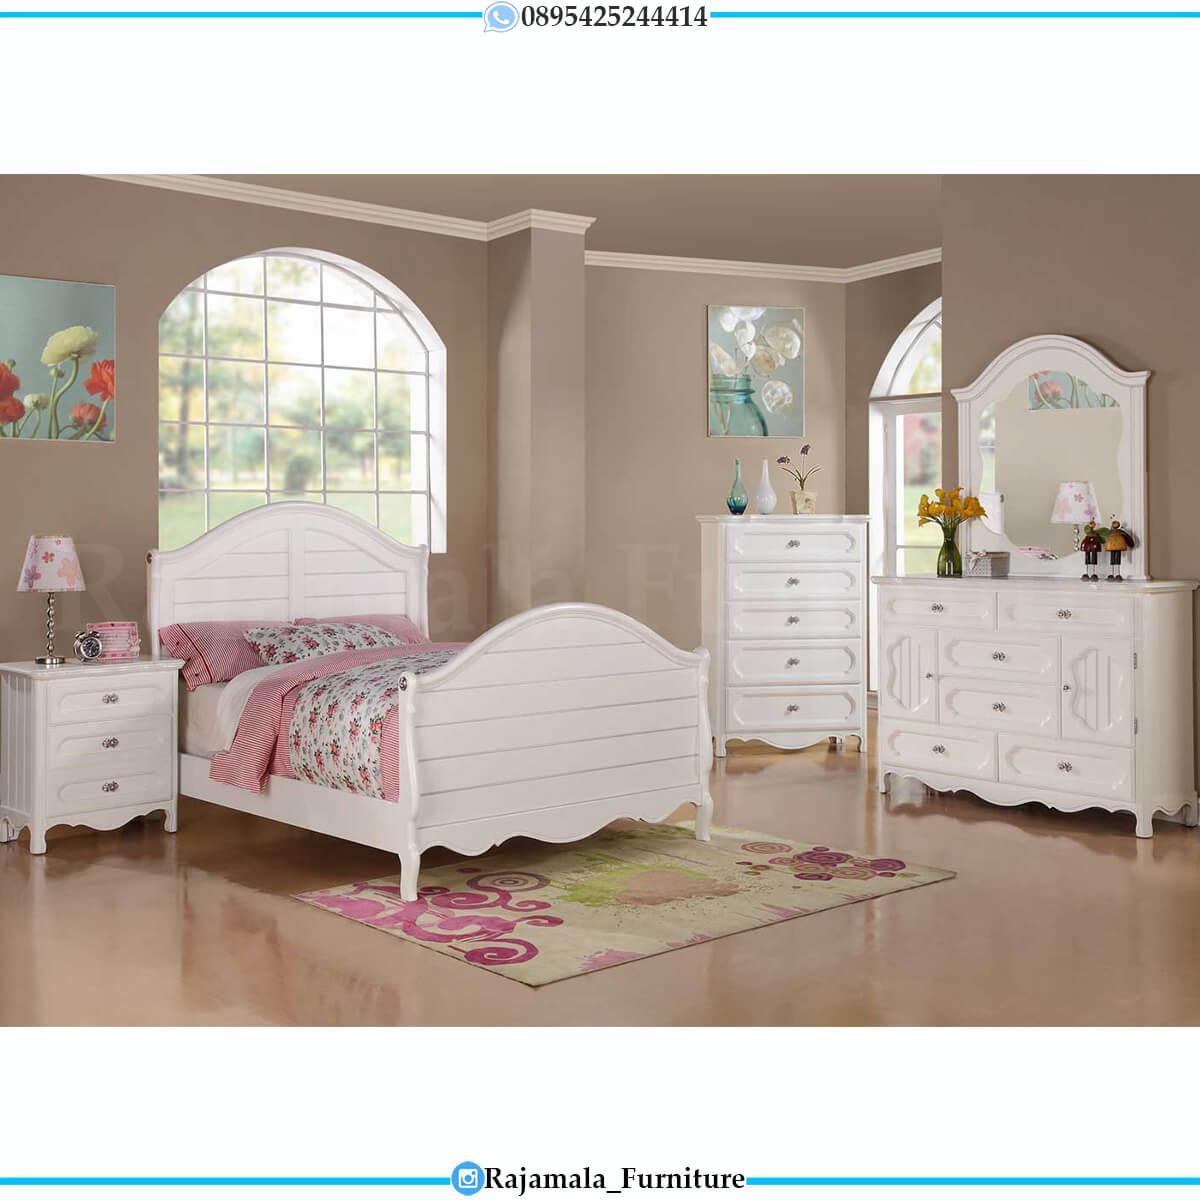 Harga Tempat Tidur Anak Putih Minimalis Desain Terjangkau RM-0632